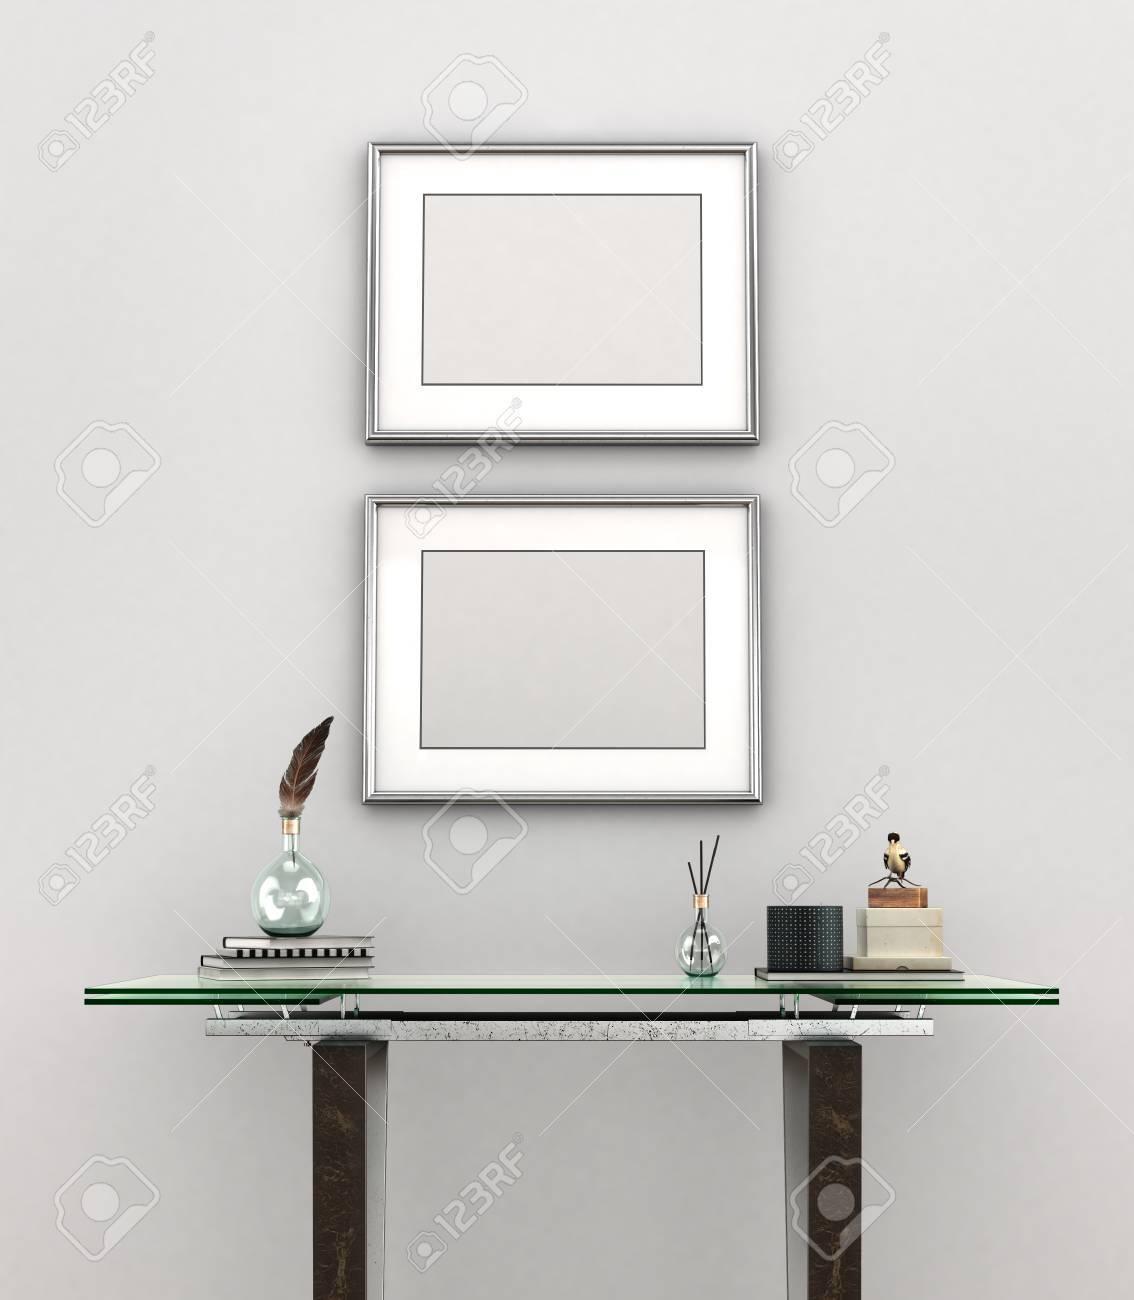 Blank Malerei Mit Silberrahmen Wiegen Auf Einer Weißen Wand über ...